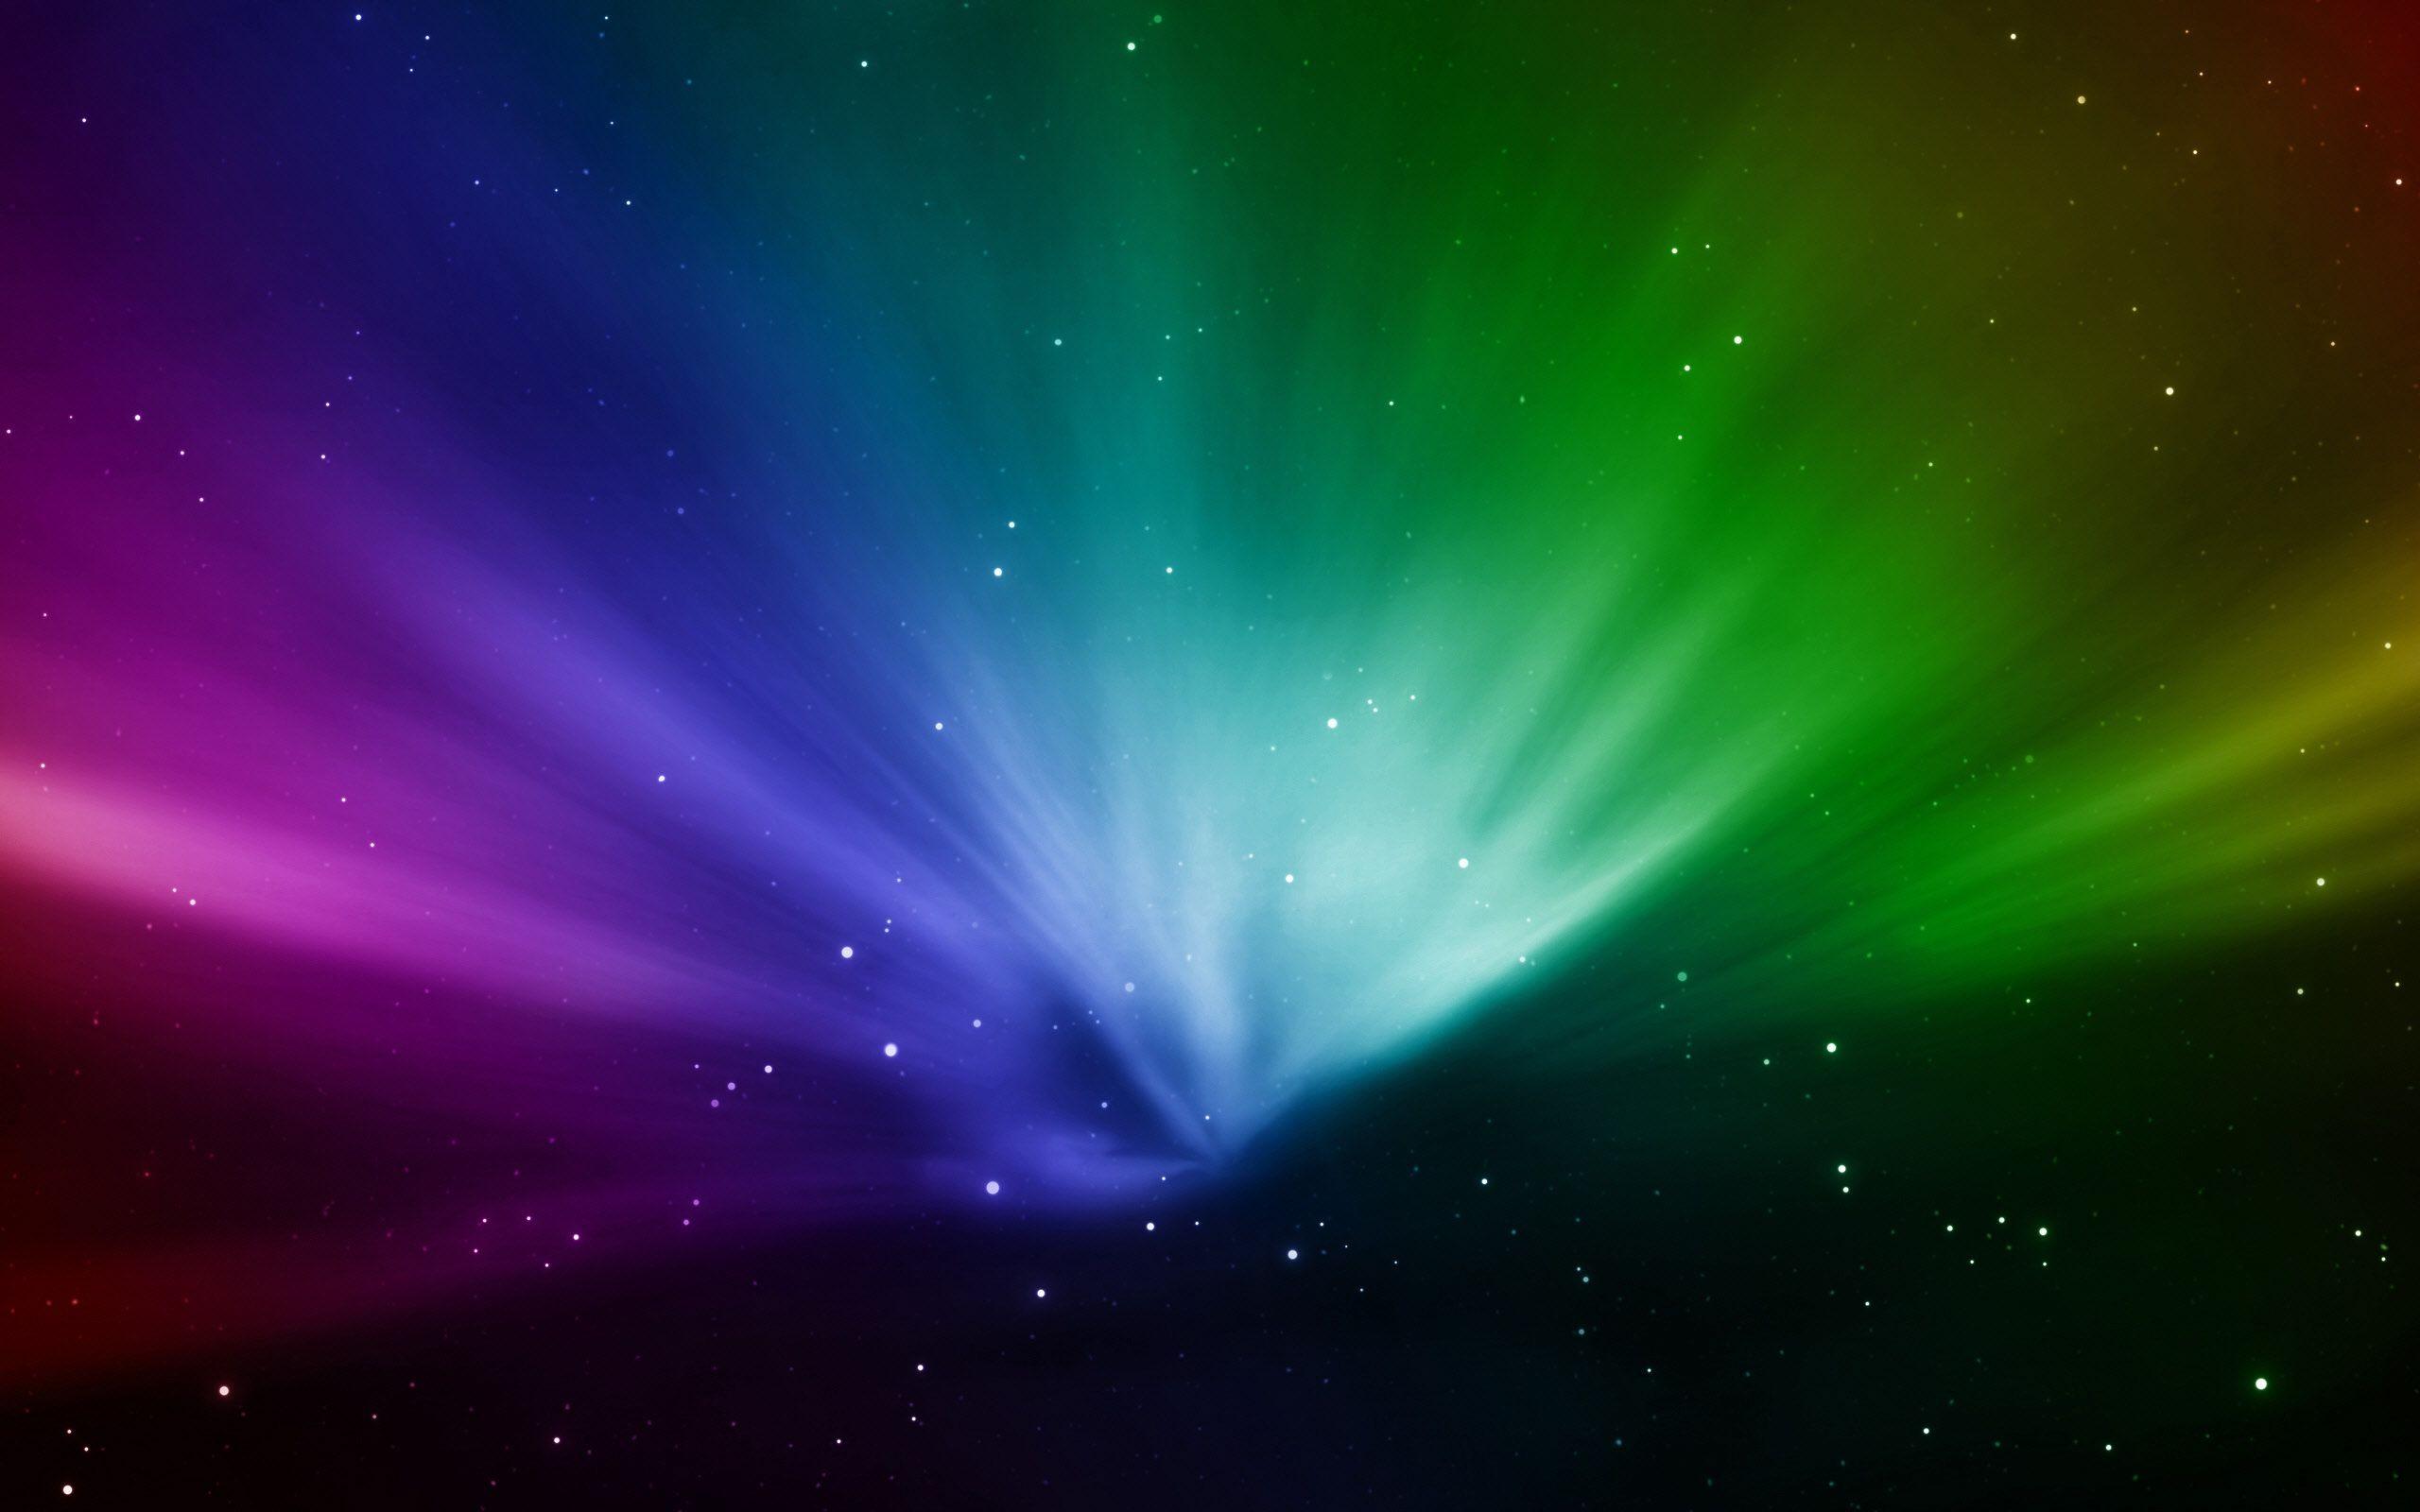 Ipad Retina Wallpaper: Rainbow Wallpaper ·① Download Free Stunning Full HD